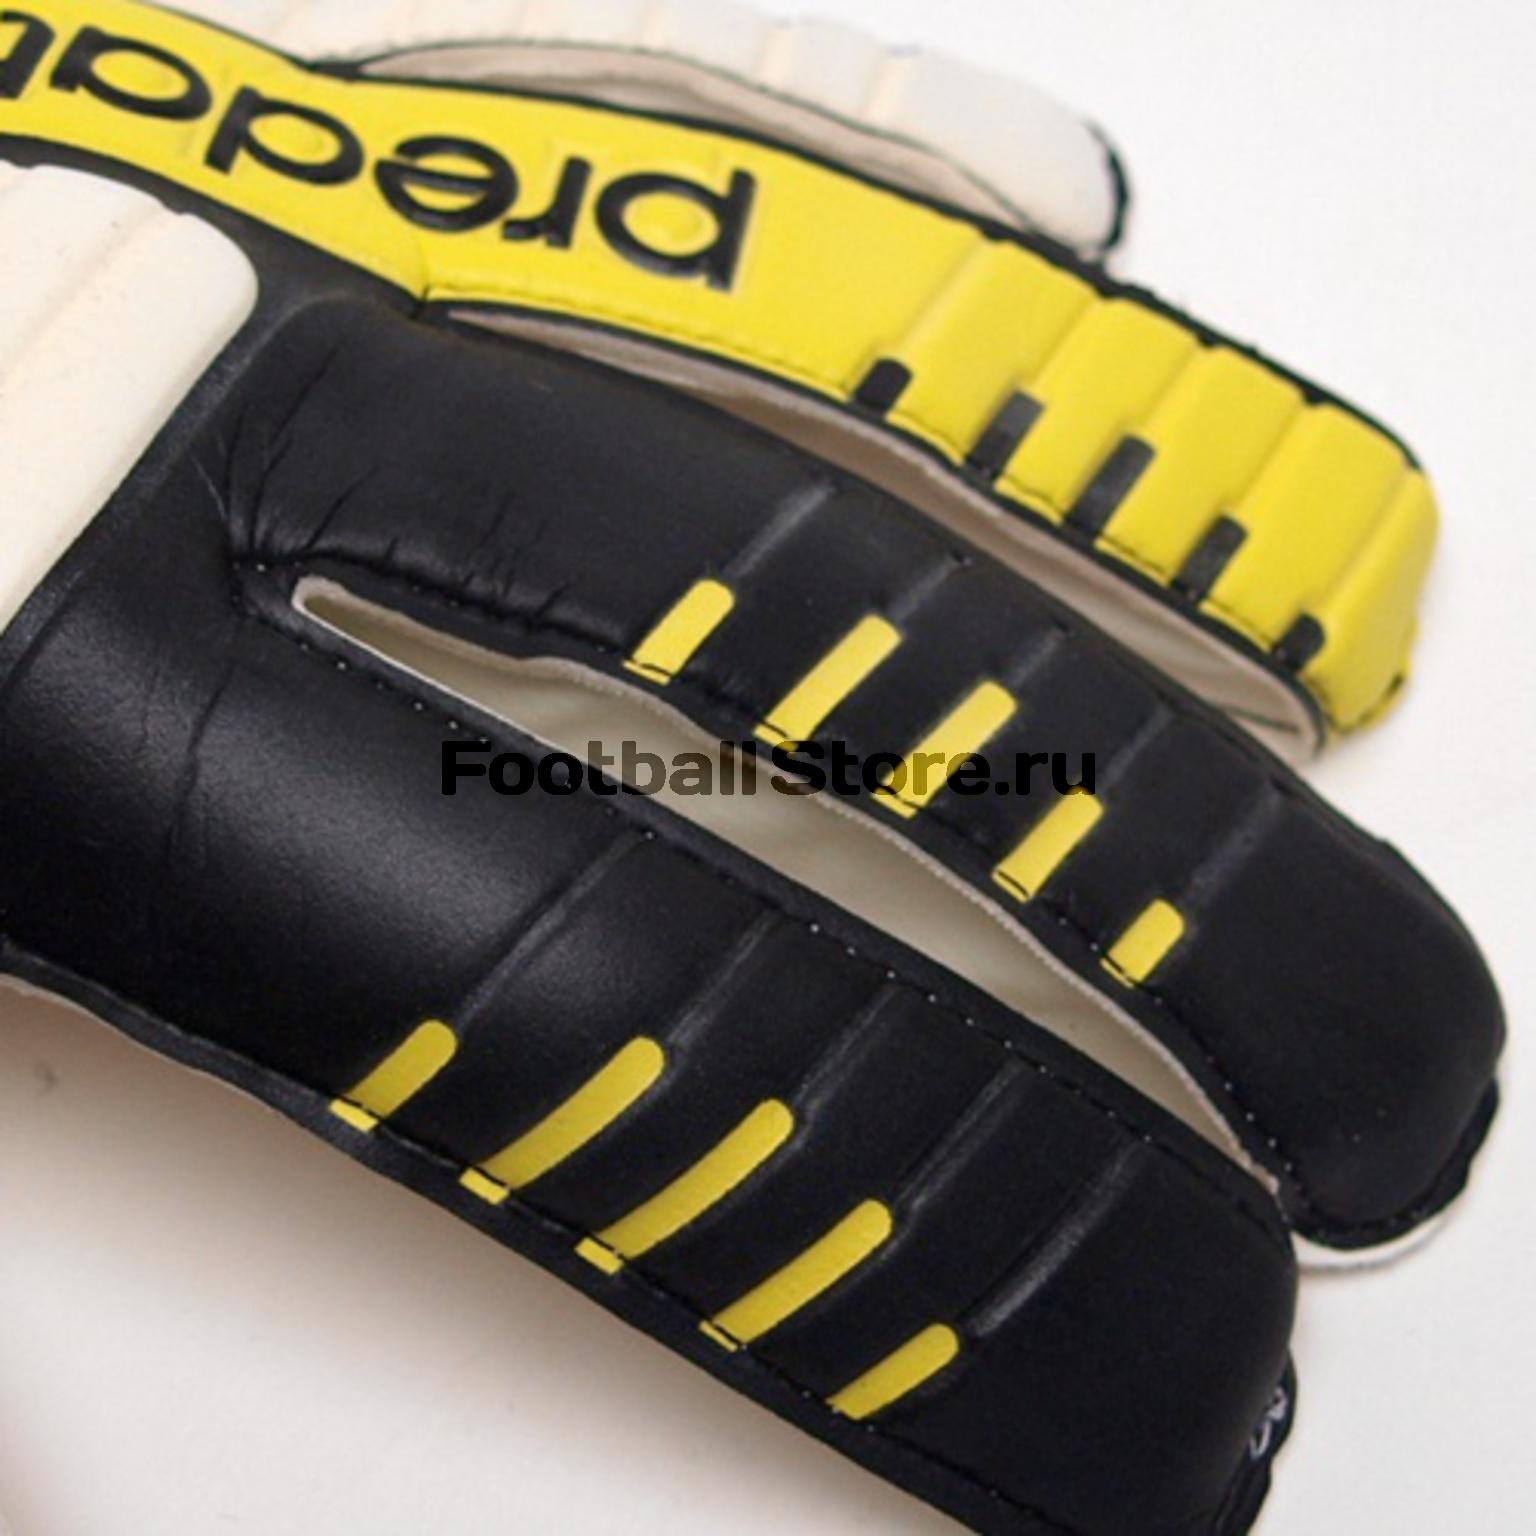 ... Вратарские перчатки Adidas Predator training. О ТОВАРЕ  РАСЧЕТ ДОСТАВКИ cd6257bf213ba